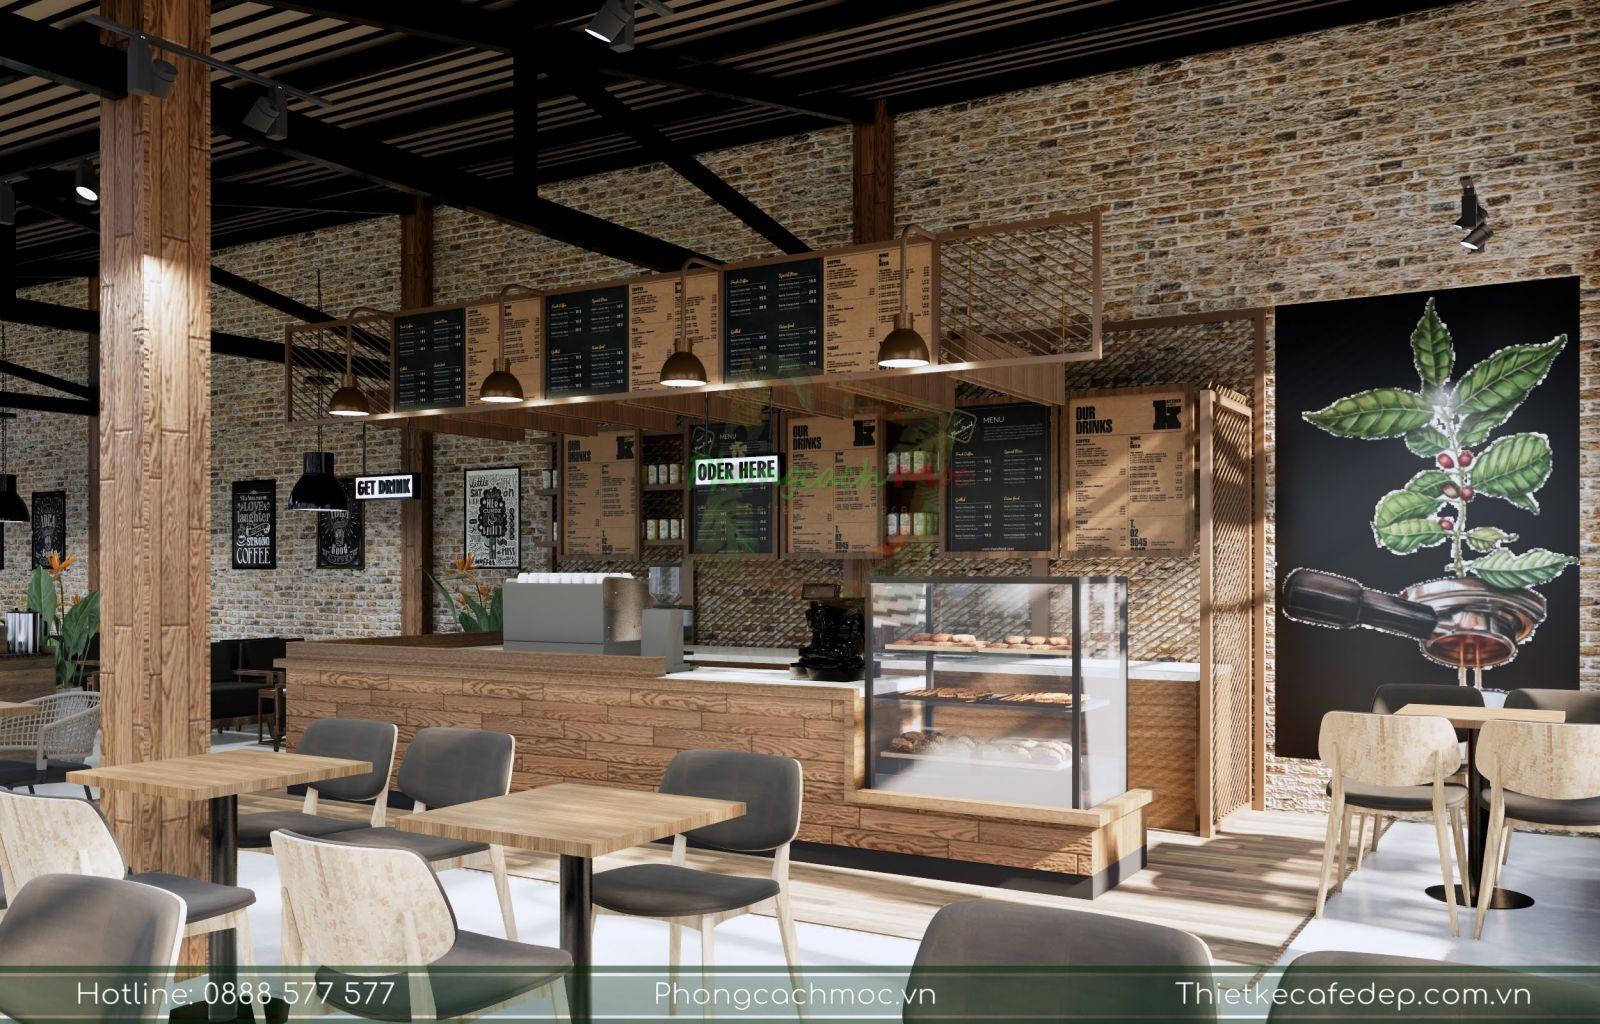 pcm thiết kế quán cà phê gapu coffee tại bình phước